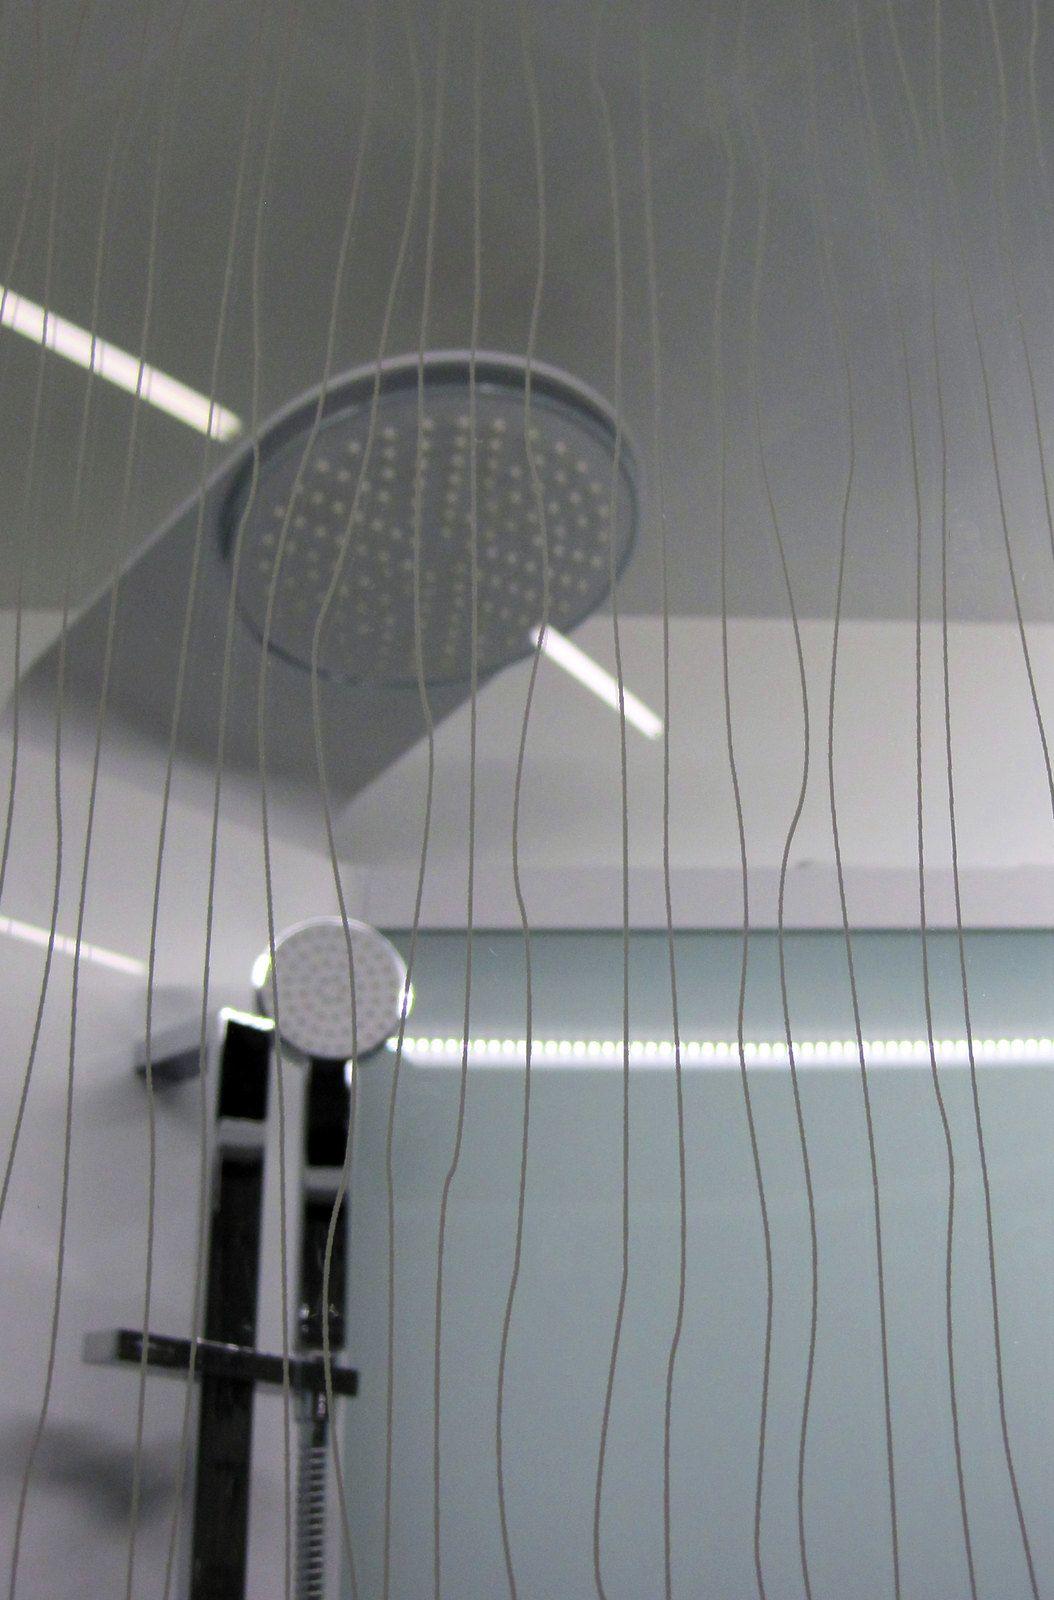 Habitare 2013. Sanka-suihkukaappi kuviollisella lasiseinällä. - Sanka shower cabinet with patterned glass wall. Saatavilla/Available in: http://www.taloon.com/suihkukaappi-sanka-bric-4-910x910-mm-valkoinen-lasi-kontur-ja-frost/LVI-5844212/dp?openGroup=267